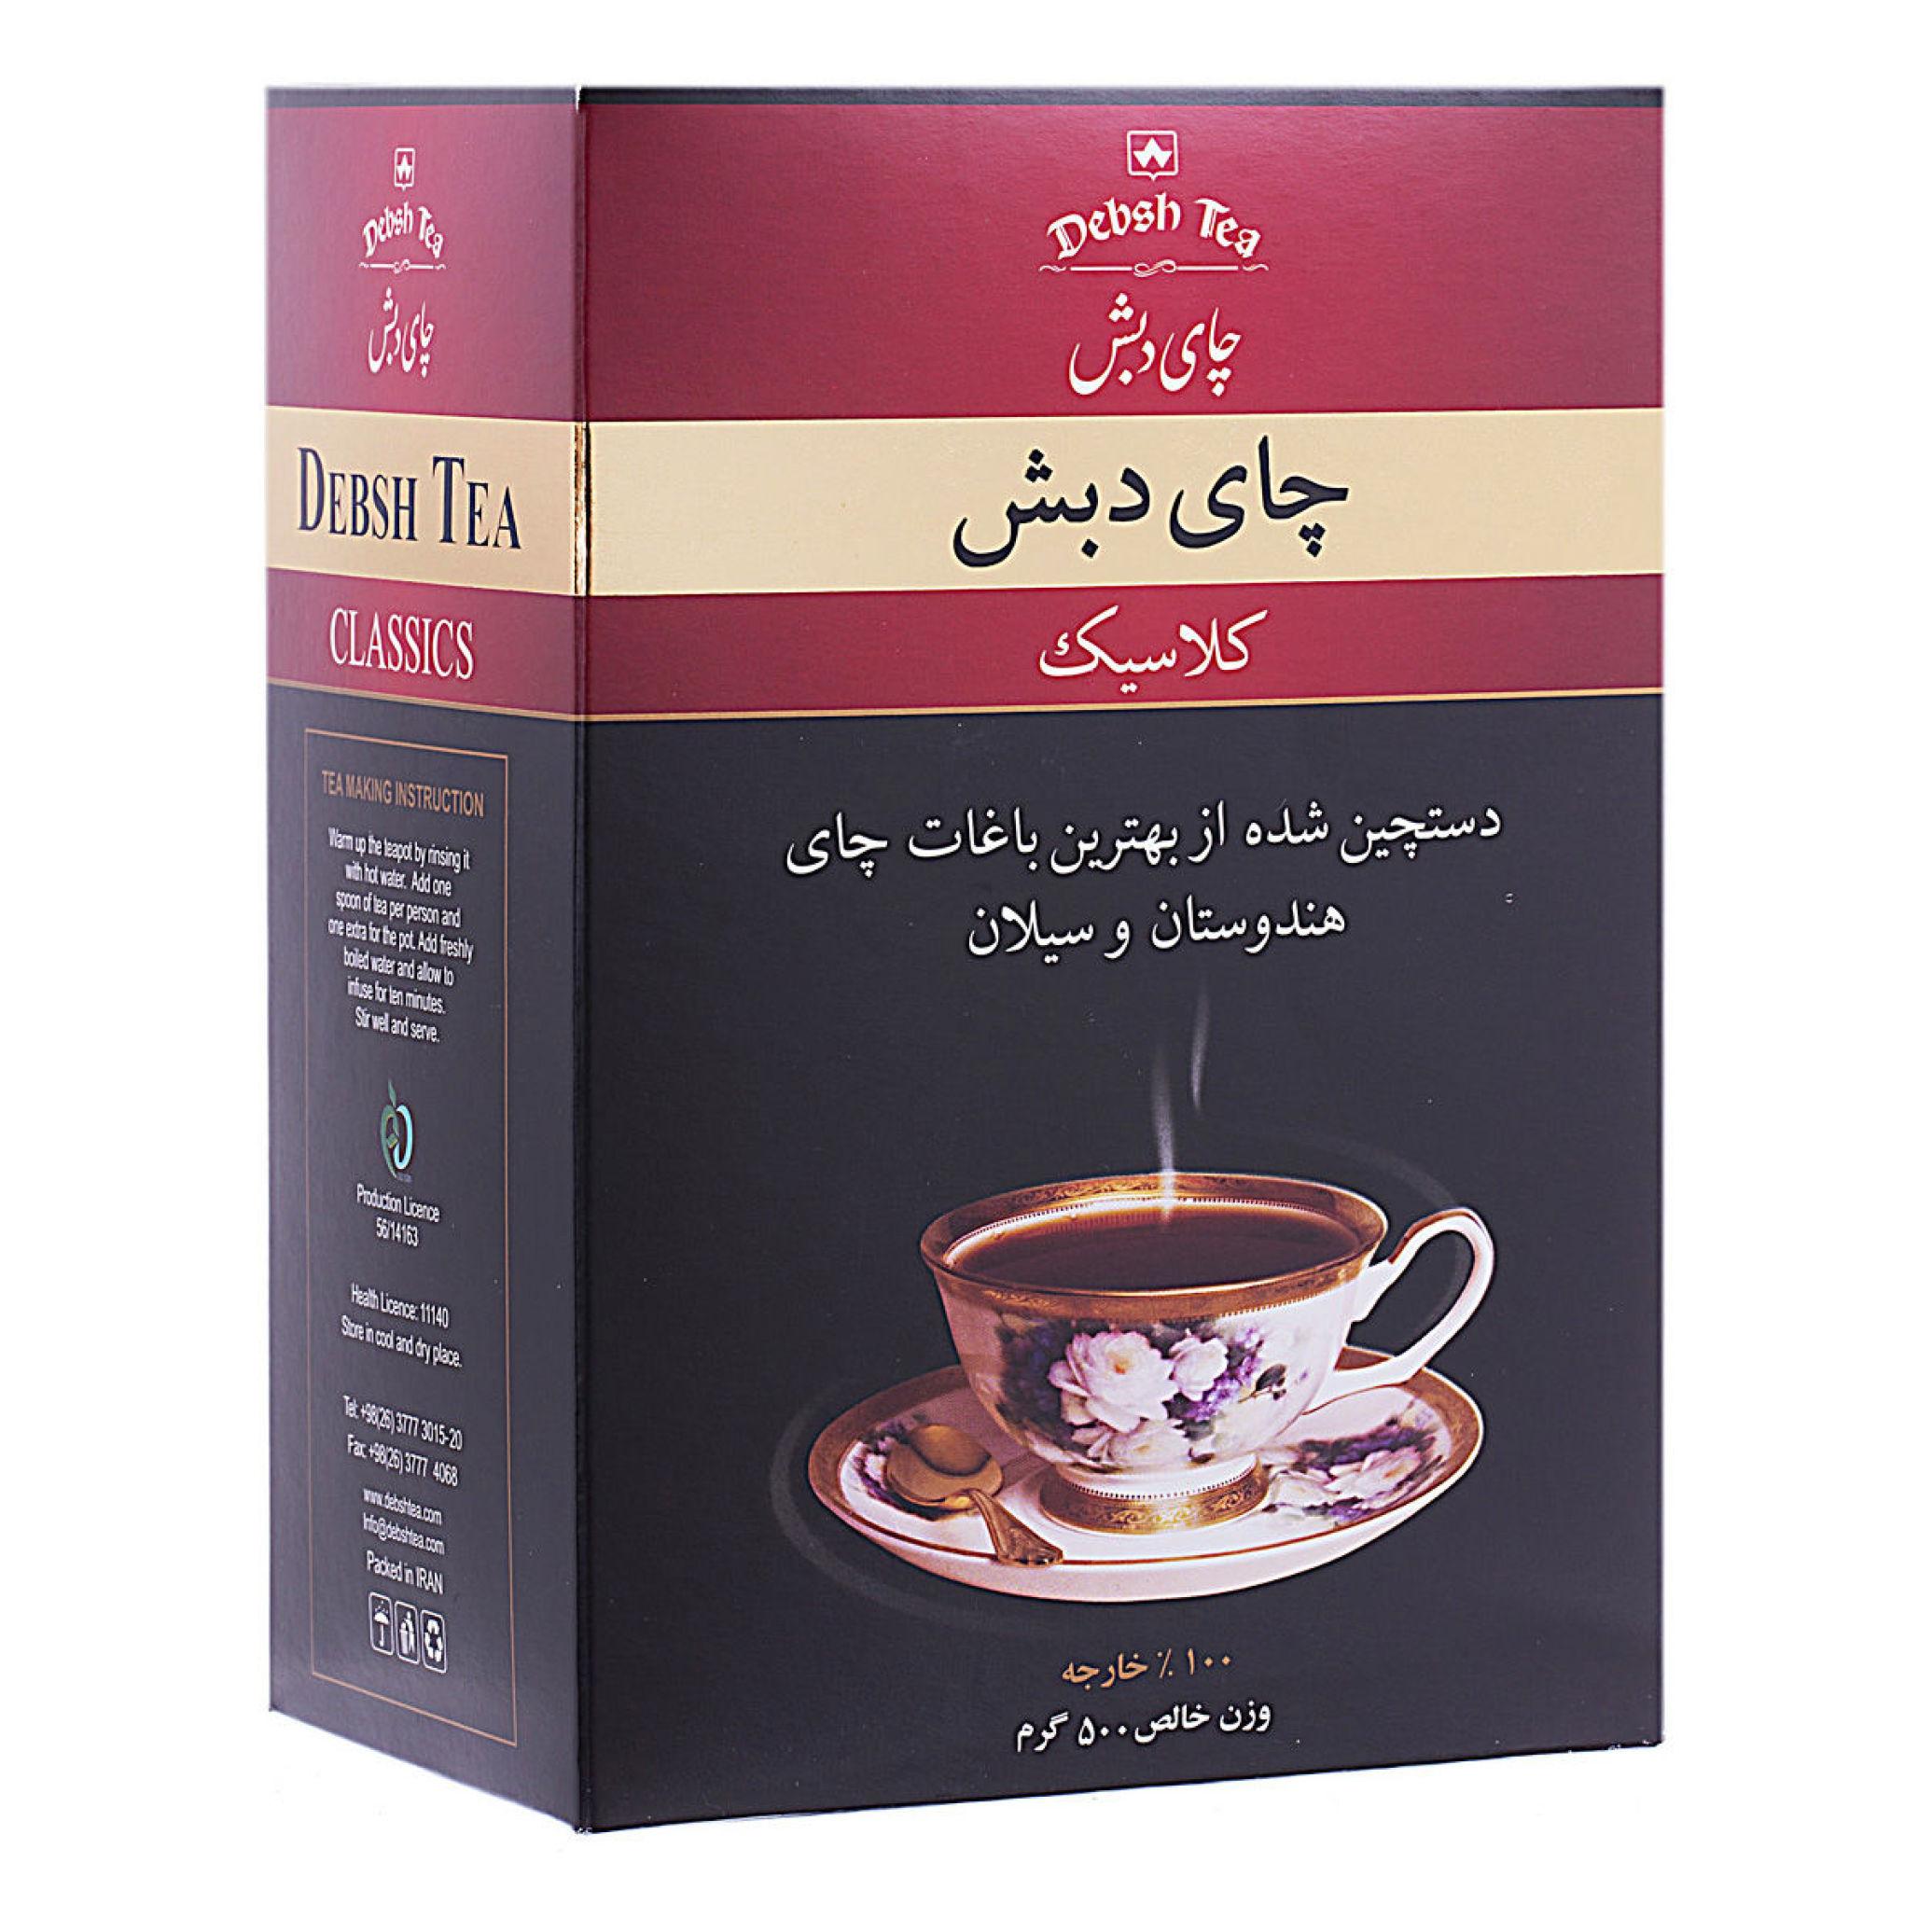 چای دبش کلاسیک شکسته 500 گرمی خرید انلاین وجیسنک خشکبار چای دمنوش فروشگاه اینترنتی فروش عمده